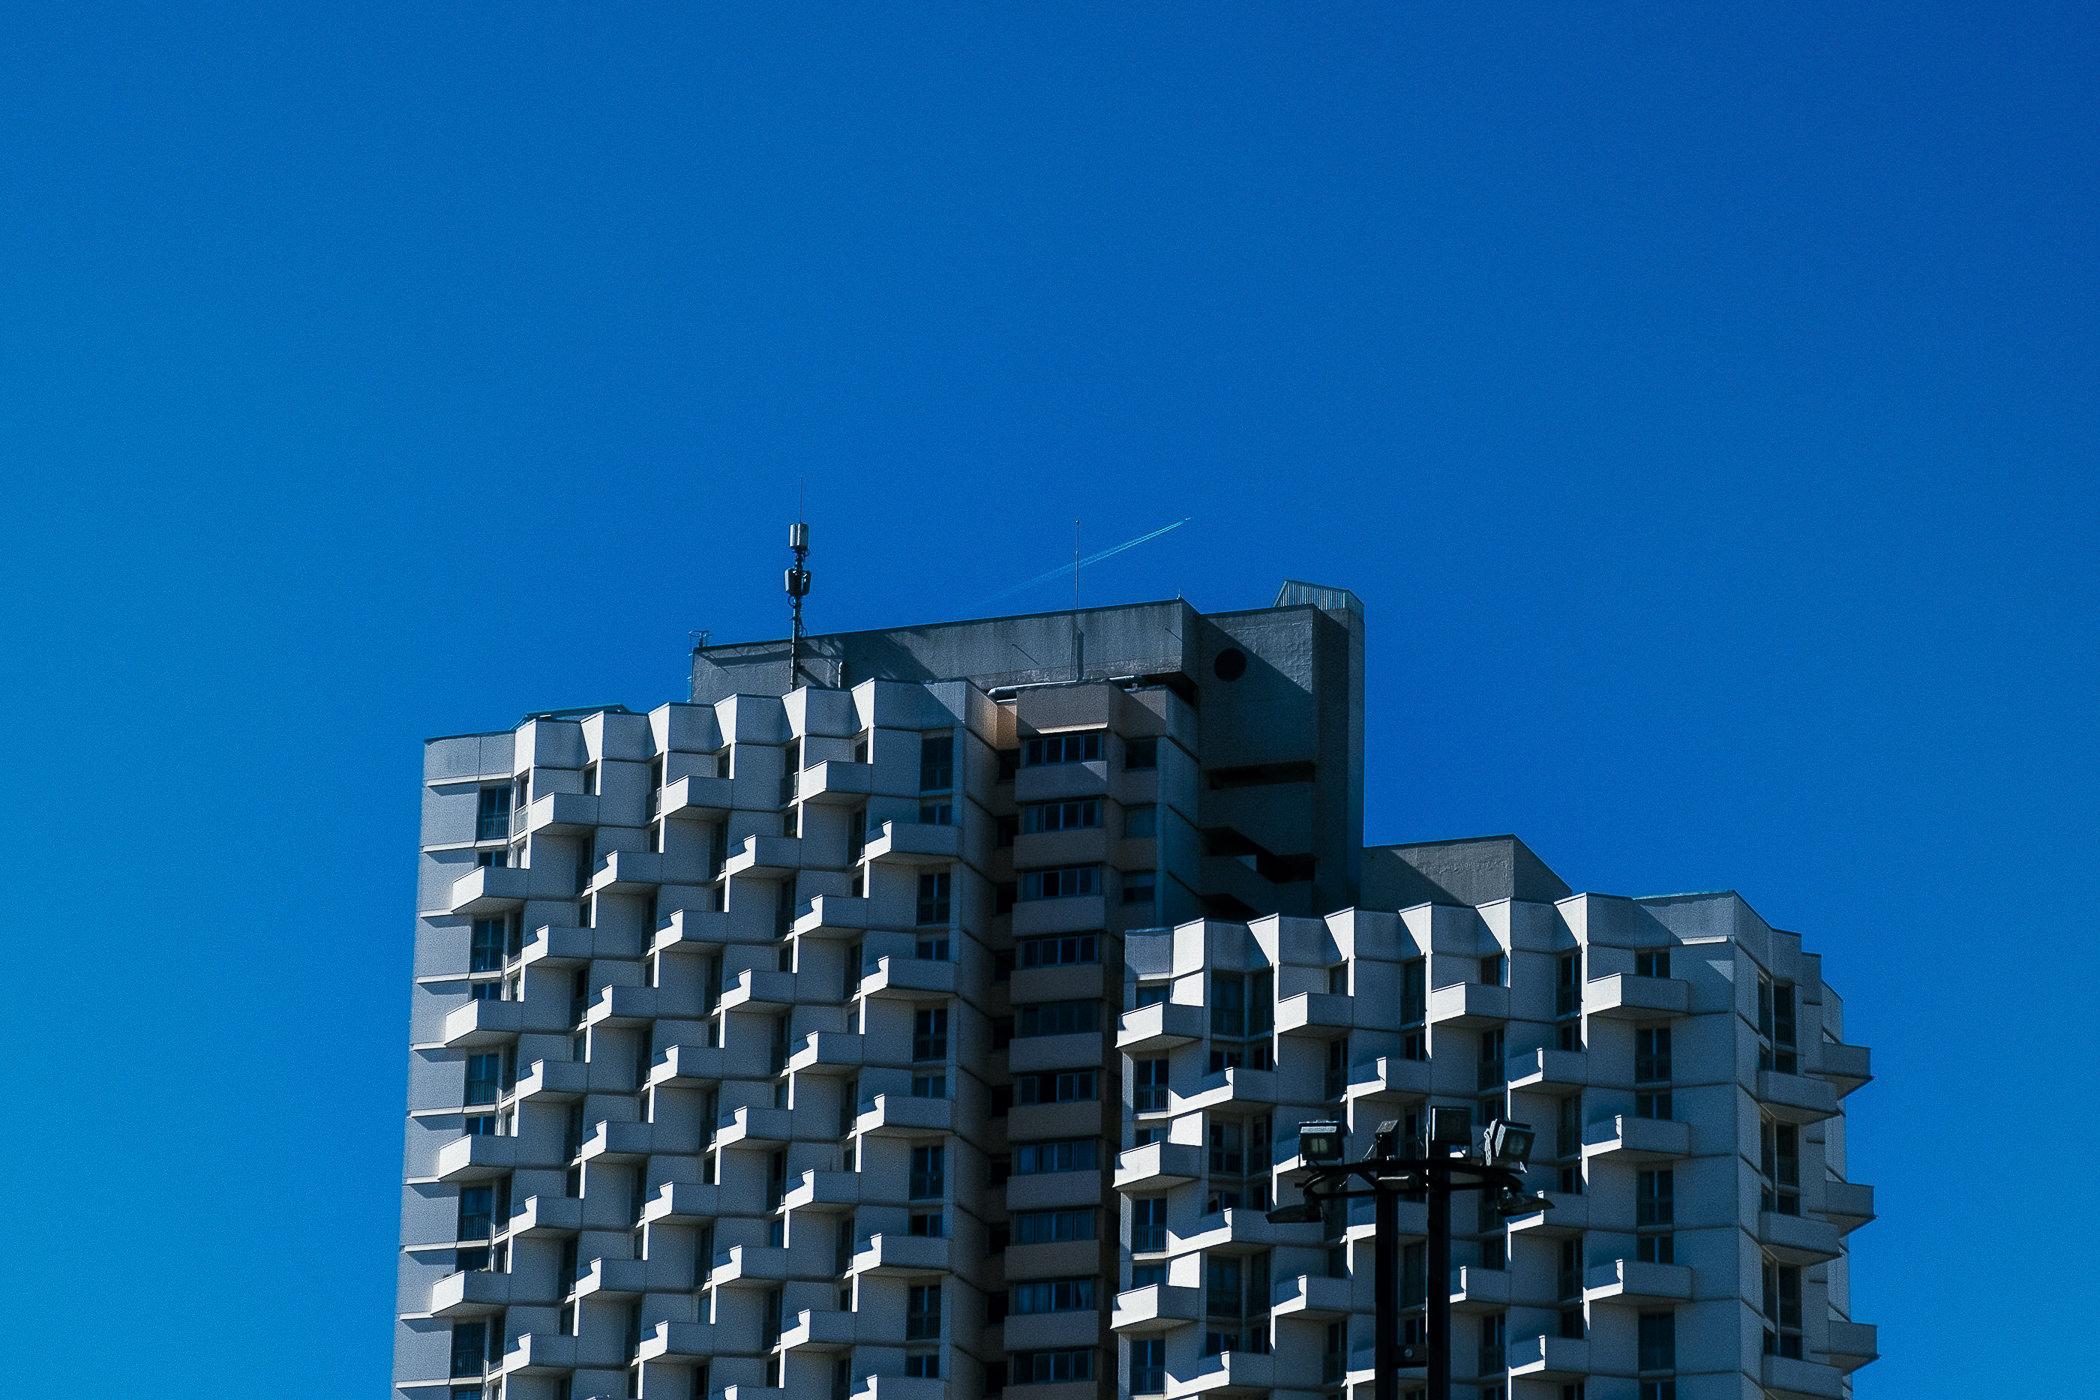 ARCHITECTURE_75.jpg